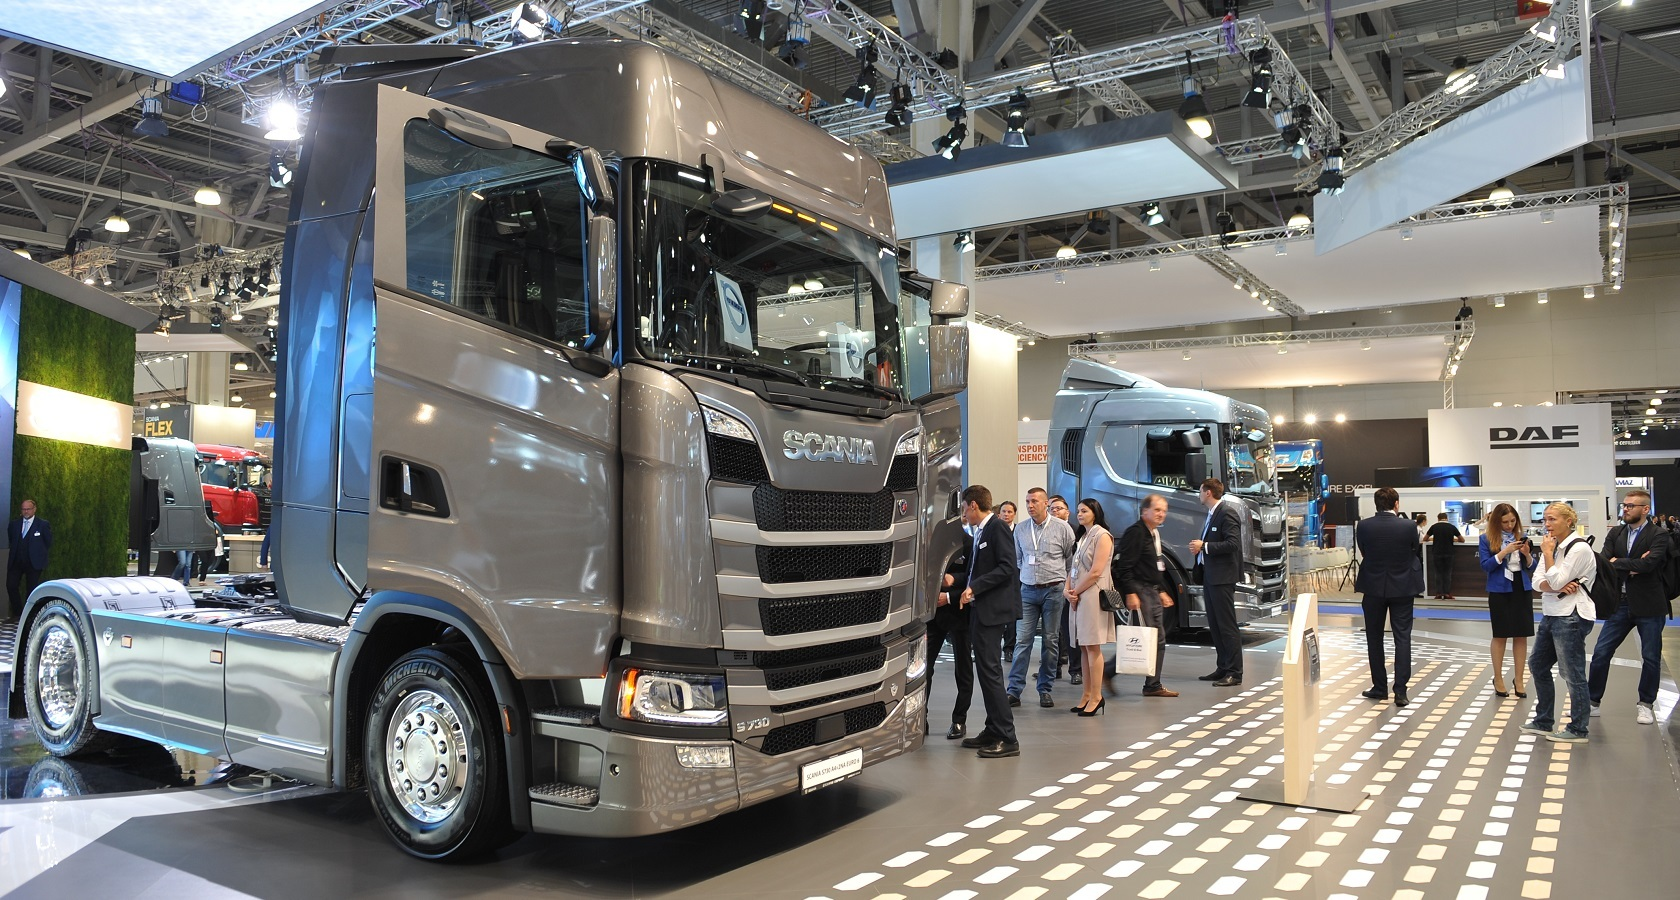 В сентябре прошлого года Scania представила в России свои новейшие модели S500 и R500 (фото: ГиД / Денис Хуторецкий).